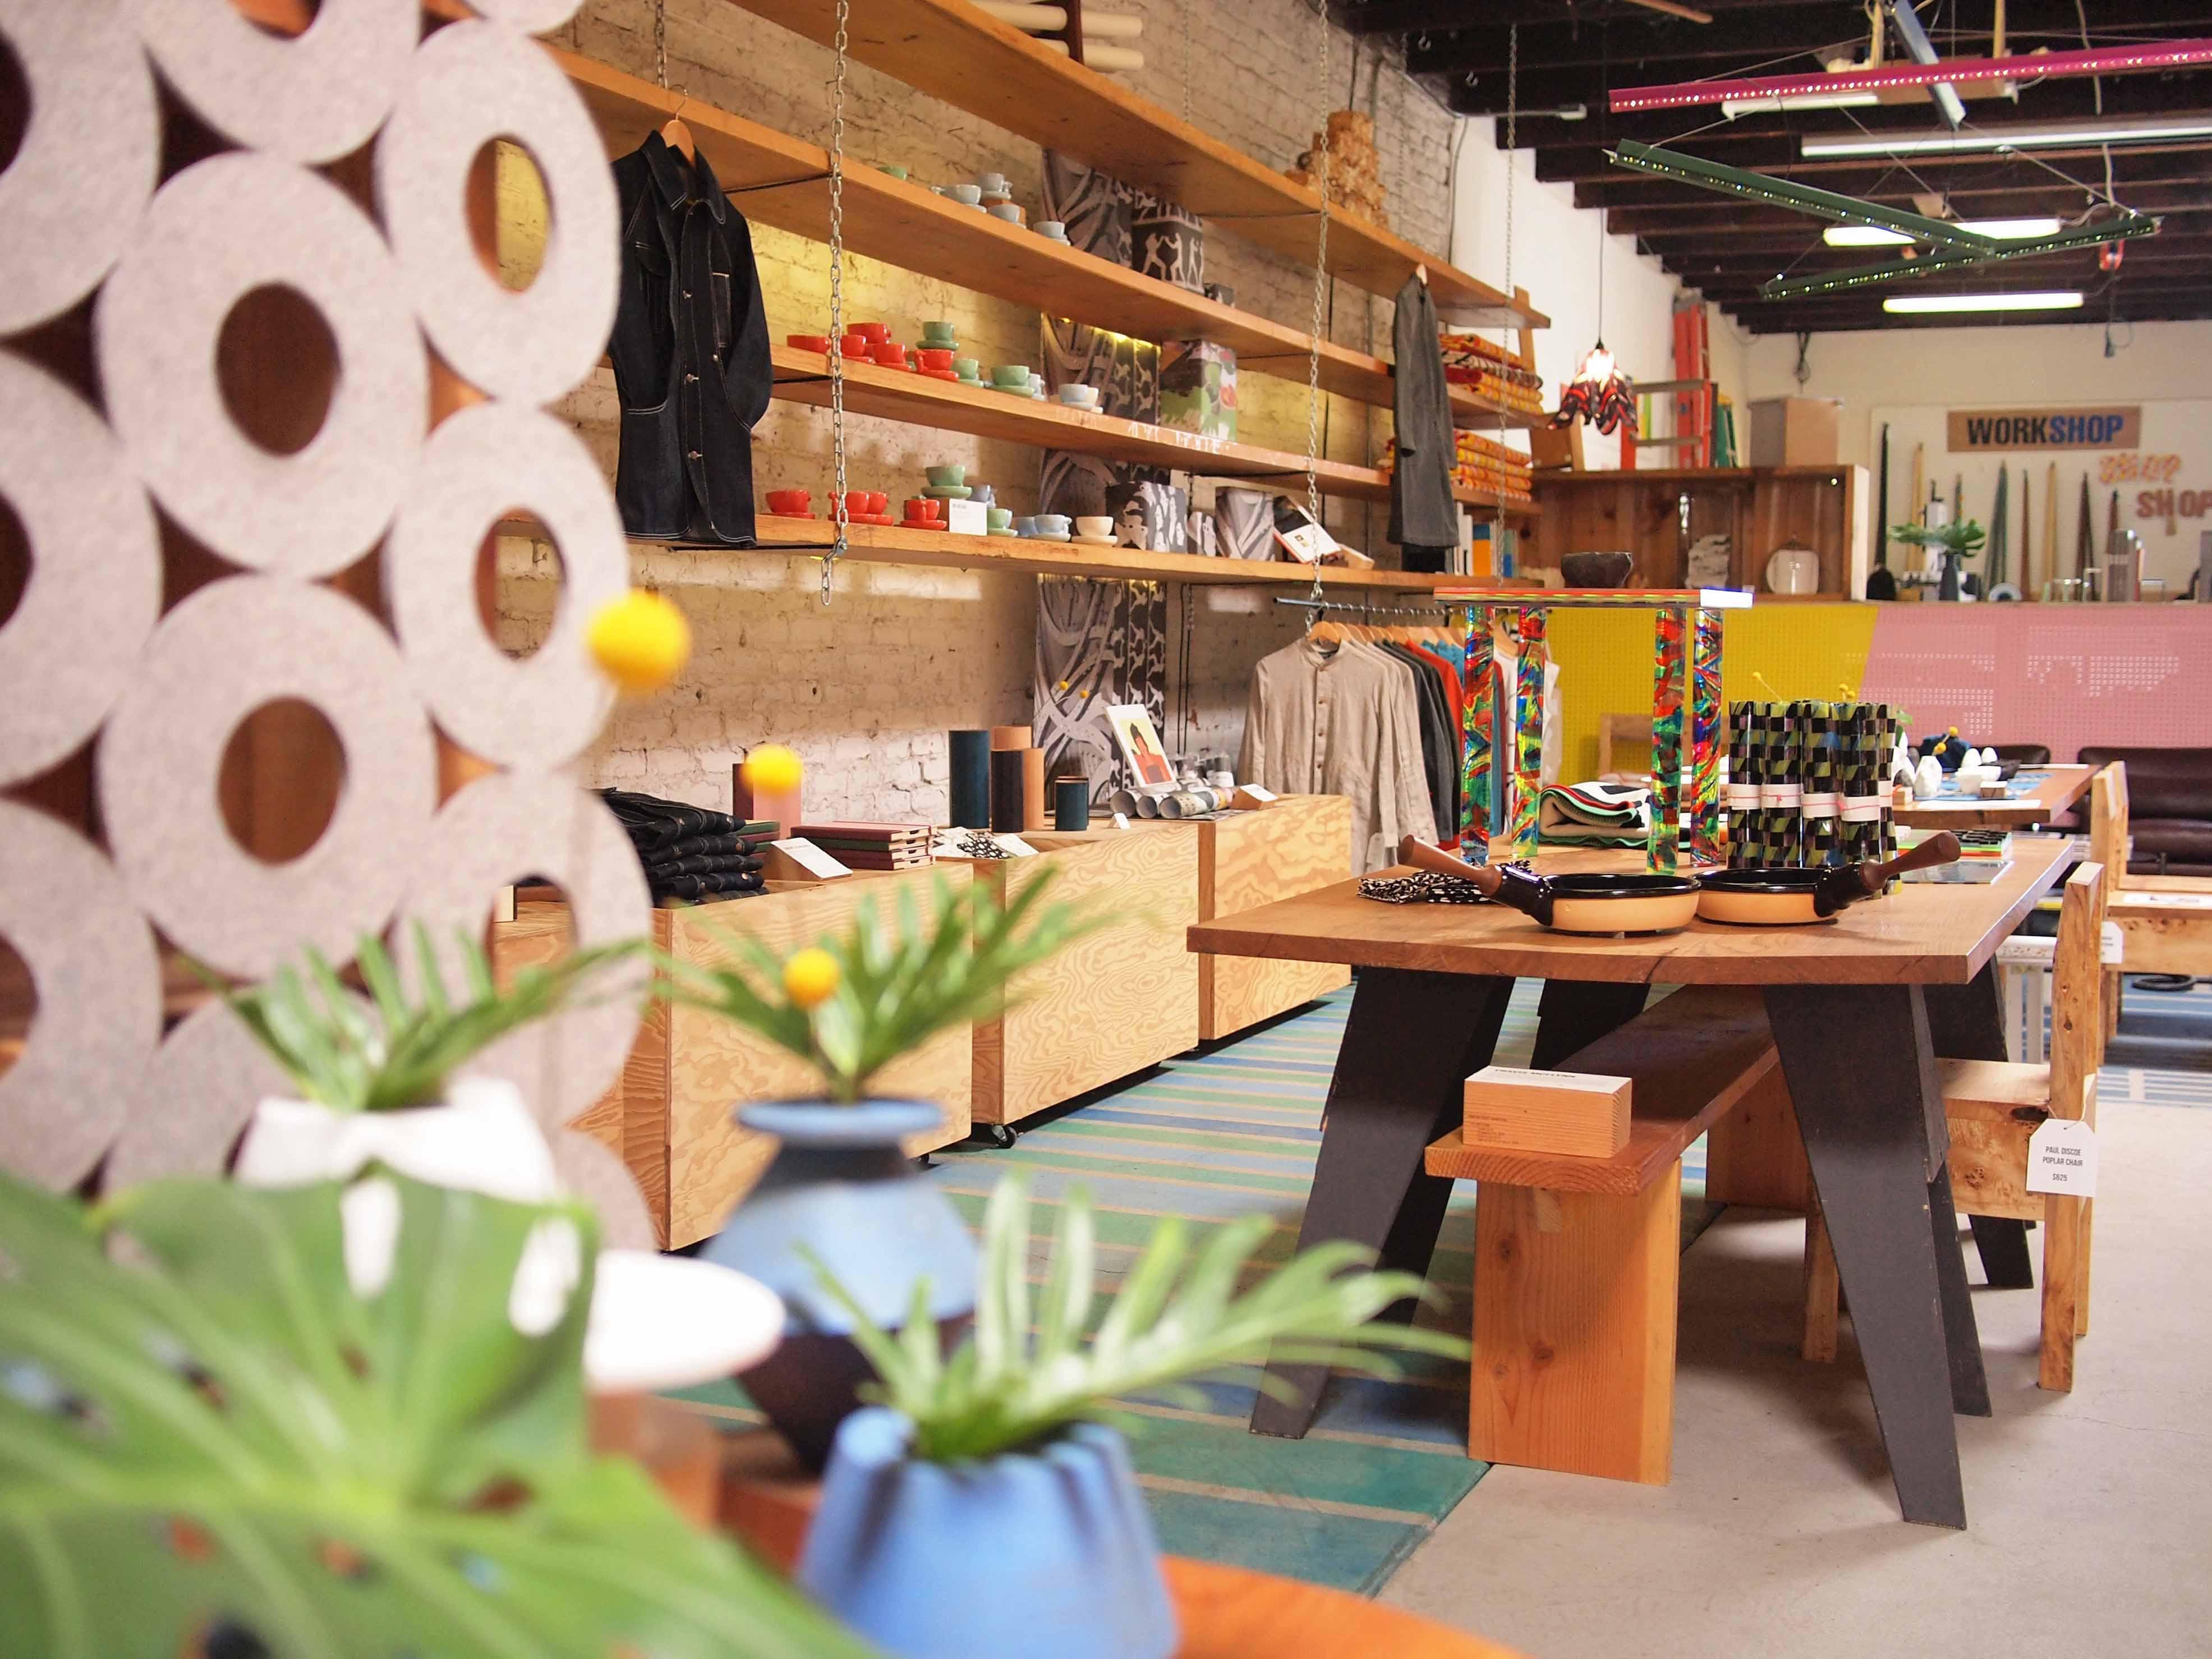 The workshop | Courtesy of Workshop Residence